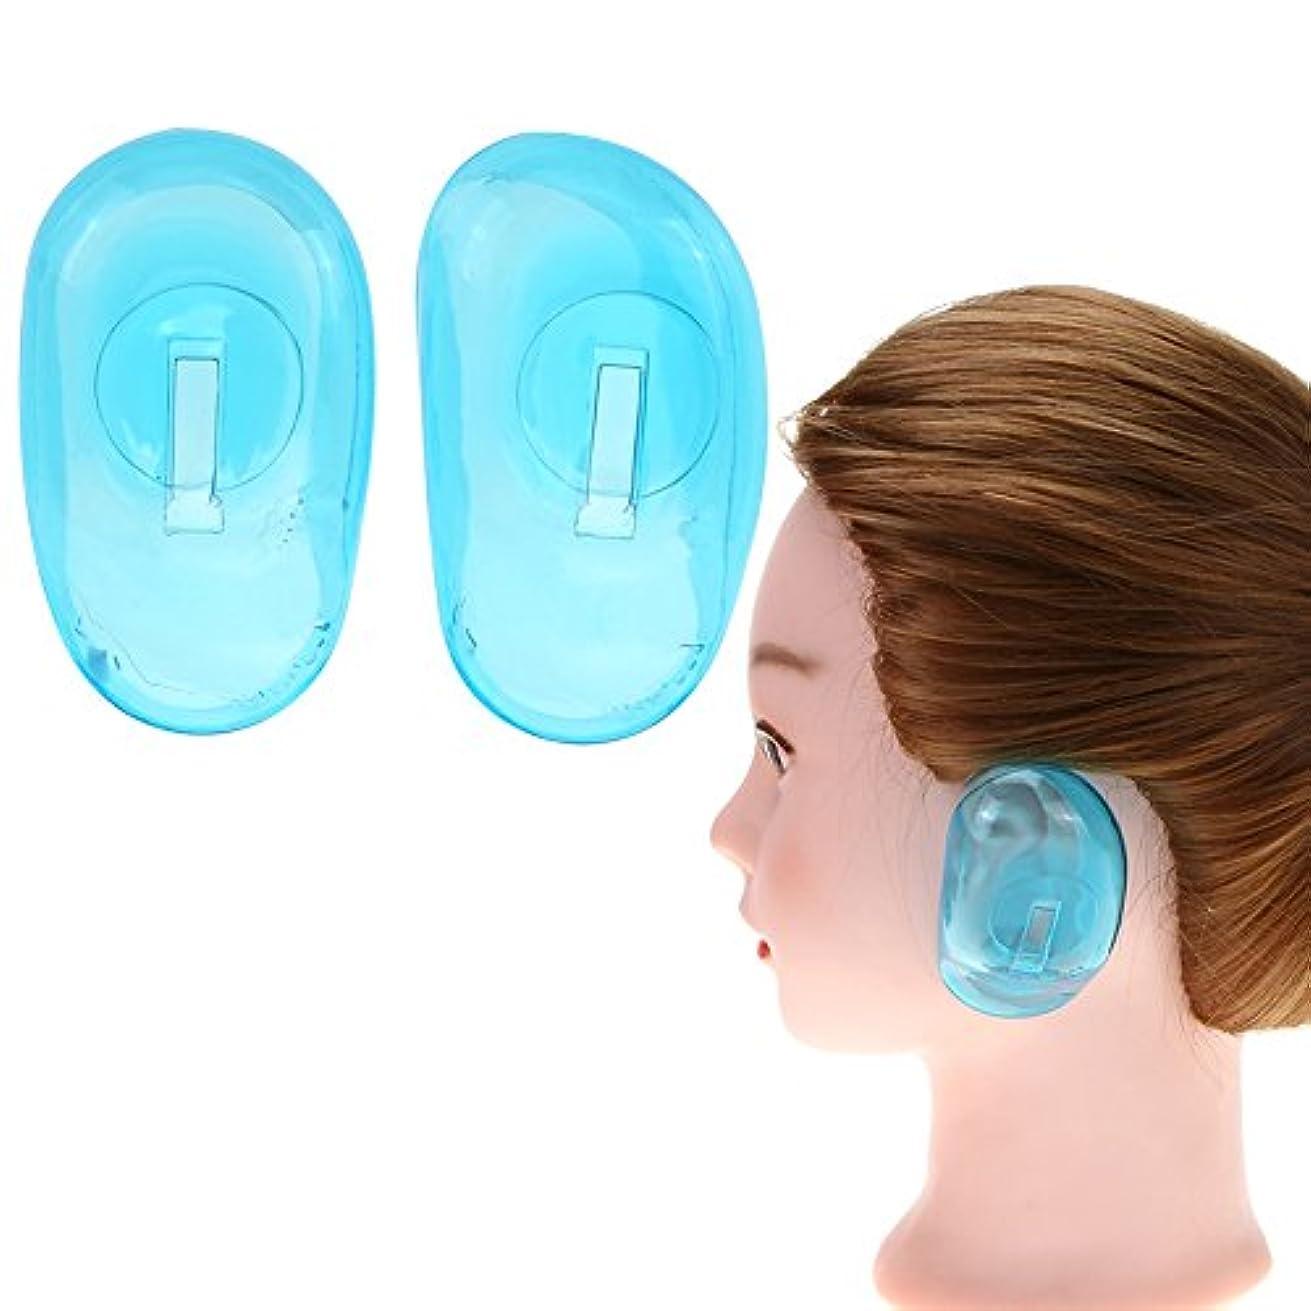 また明日ね些細な使用法Ruier-tong 1ペア耳カバー 毛染め用 シリコン製 耳キャップ 柔らかいイヤーキャップ ヘアカラー シャワー 耳保護 ヘアケアツール サロン 洗える 繰り返す使用可能 エコ 8.5x5cm